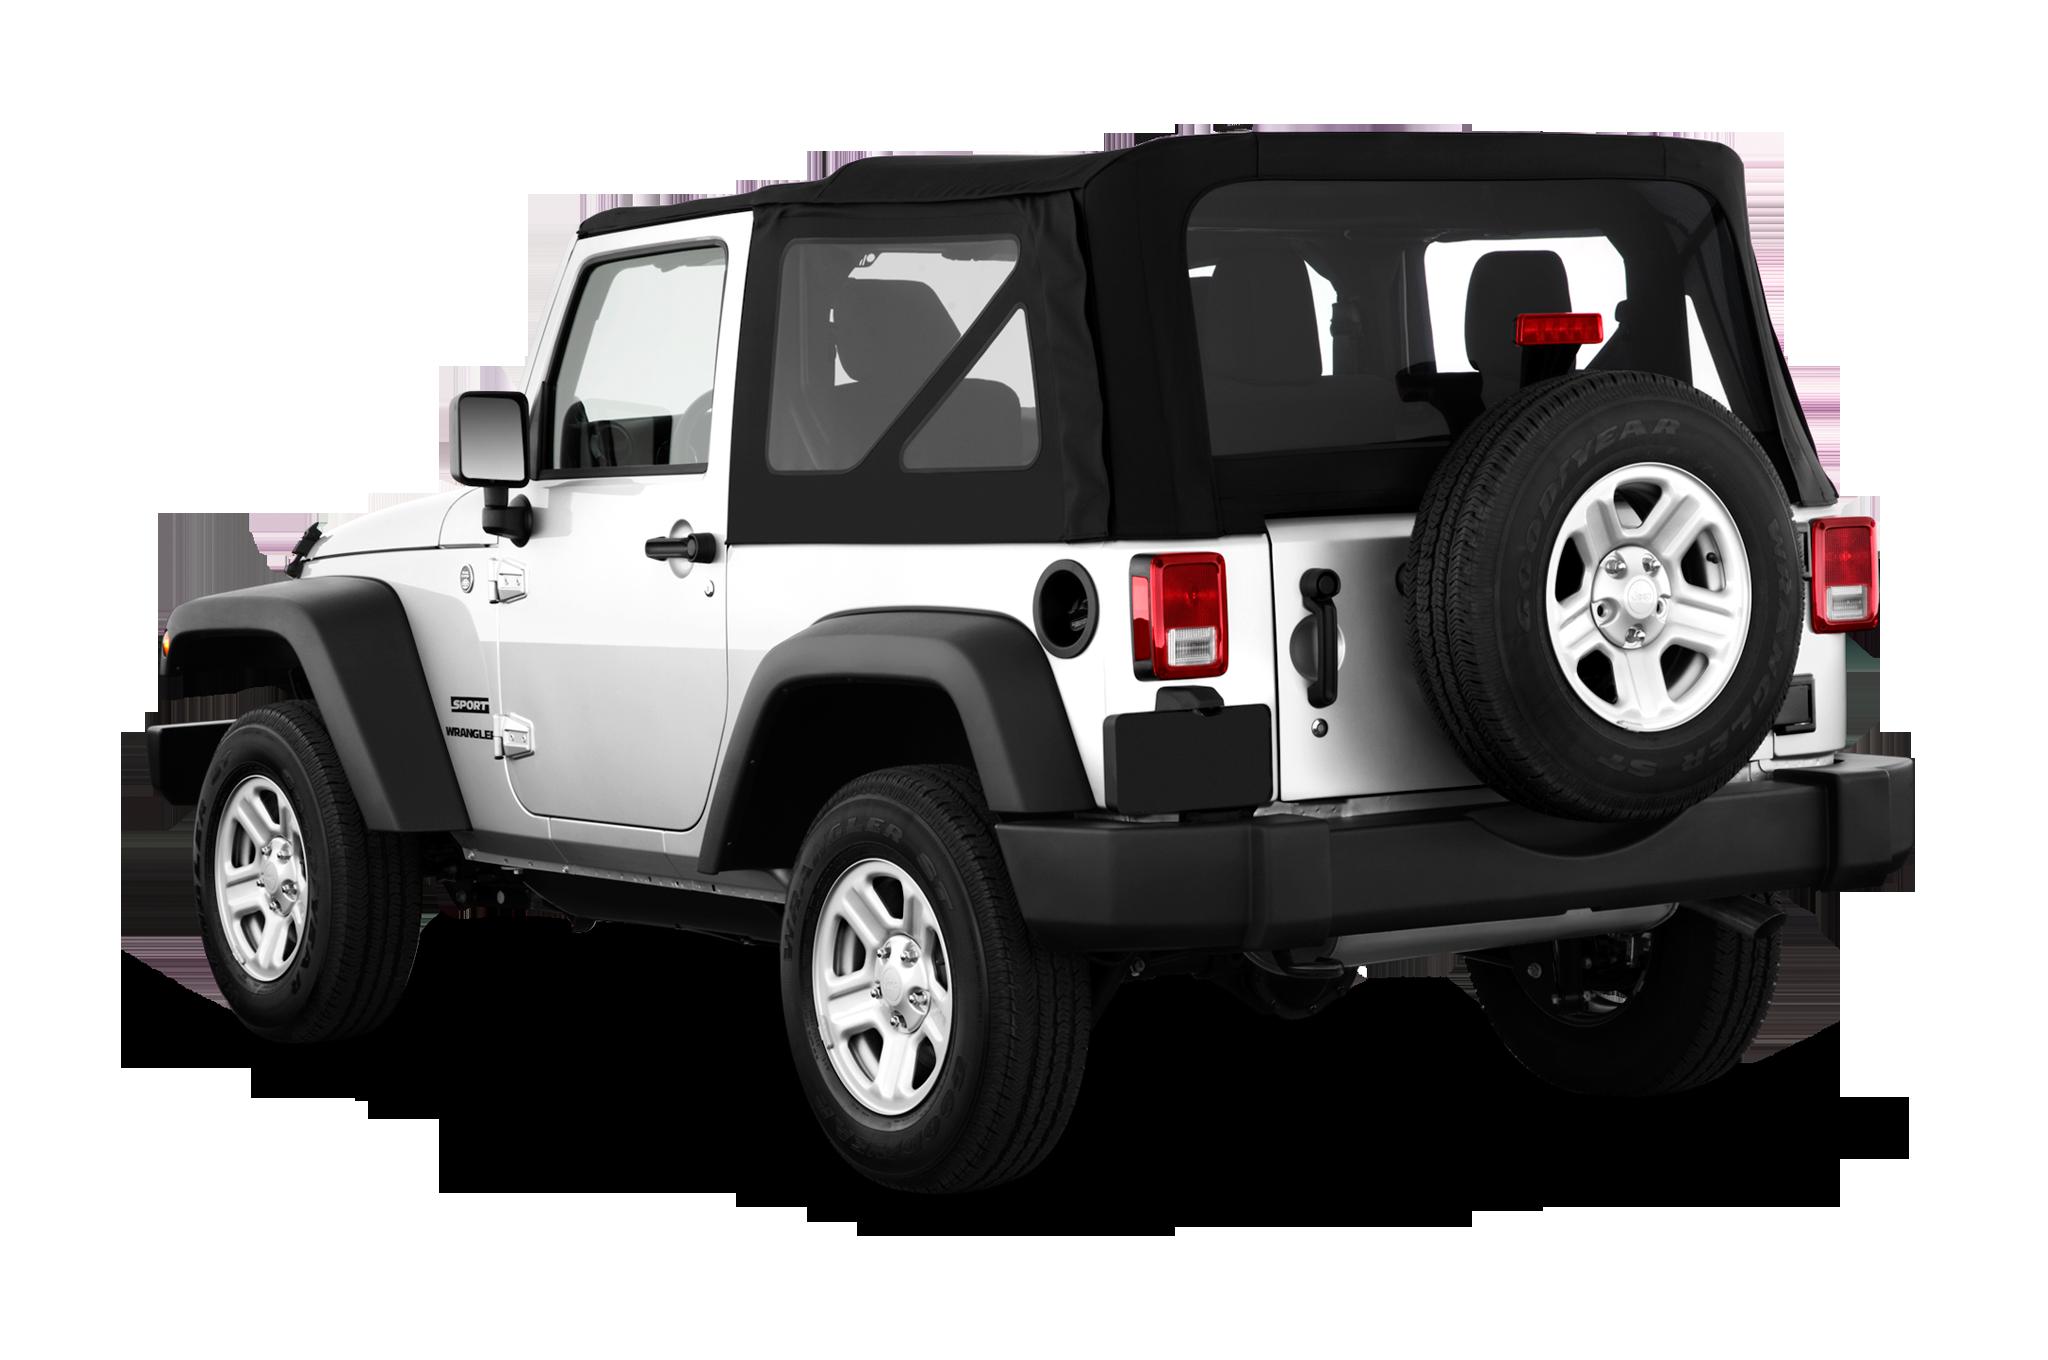 JK8 Mopar s New Build Your Own Jeep Pickup Kit